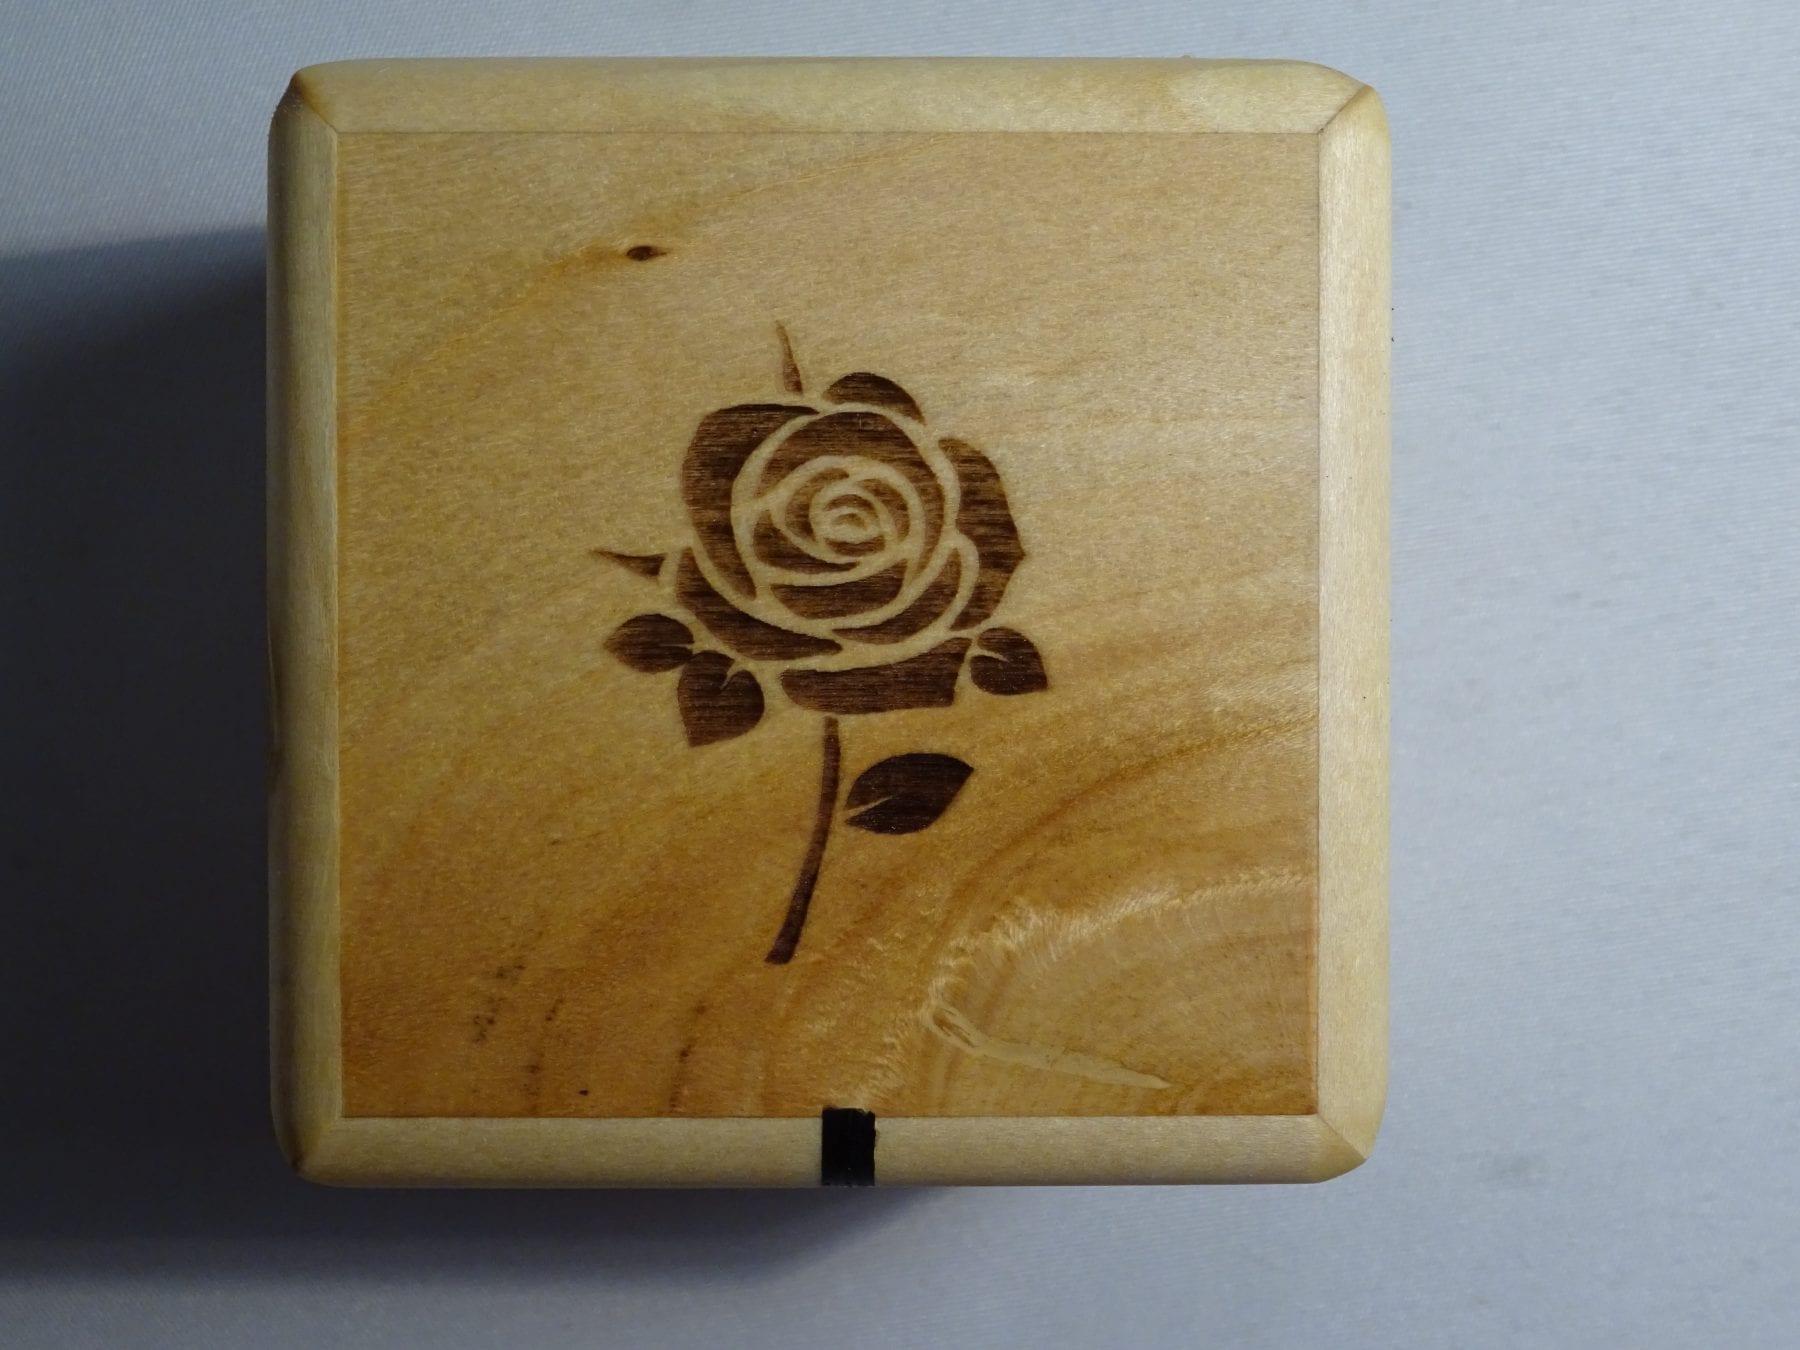 17. Rose engraving